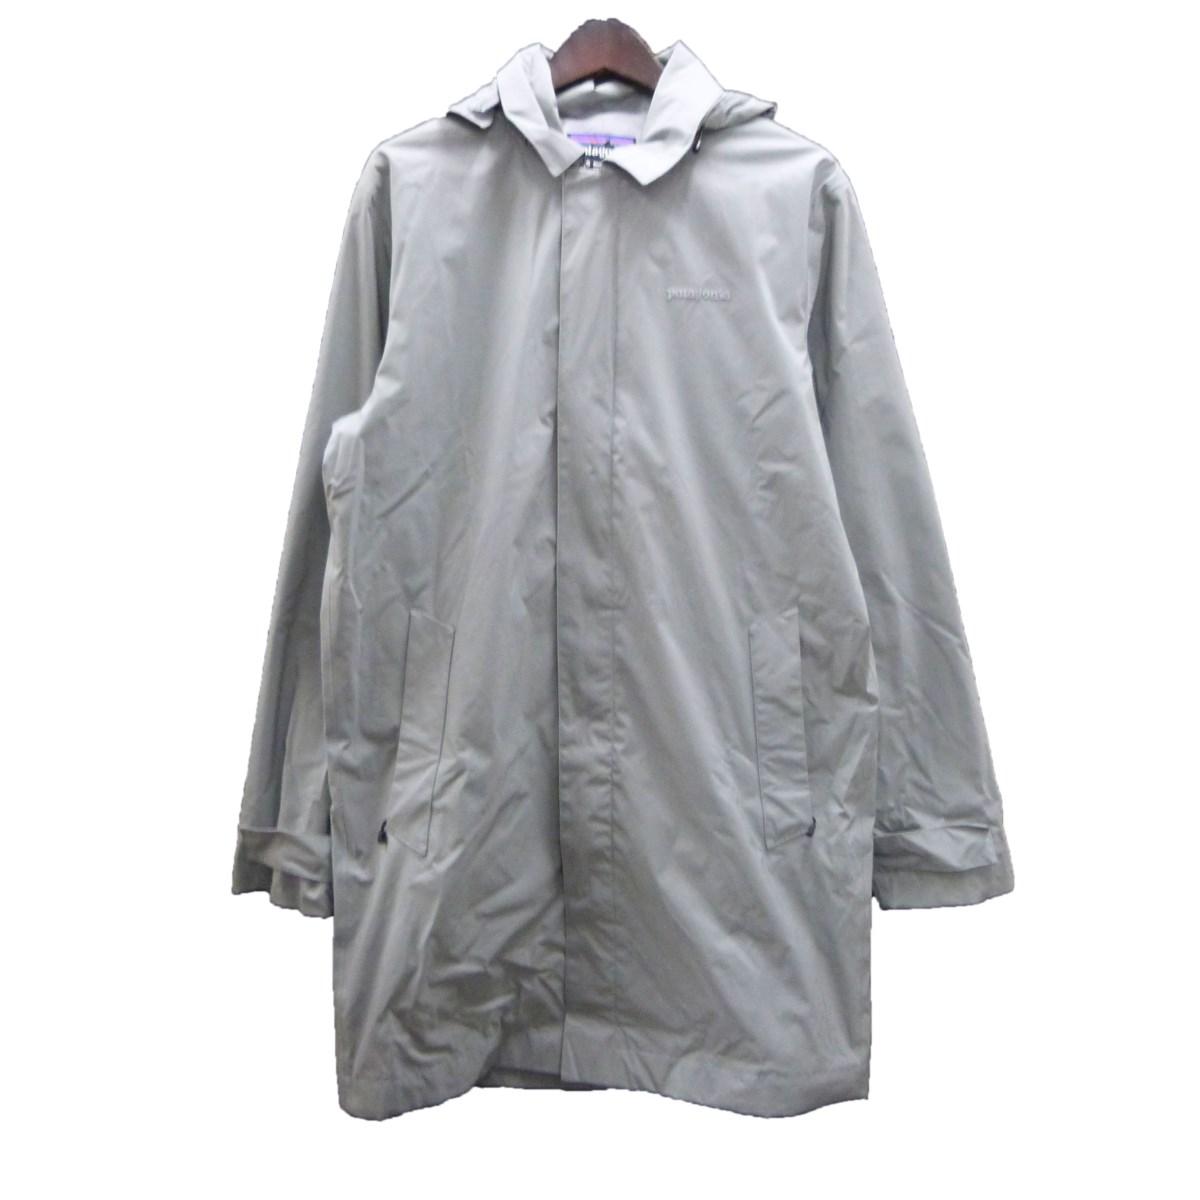 【中古】patagonia 「Fogbank Trench Coat」フォグバンドトレンチコート グレー サイズ:S 【281119】(パタゴニア)